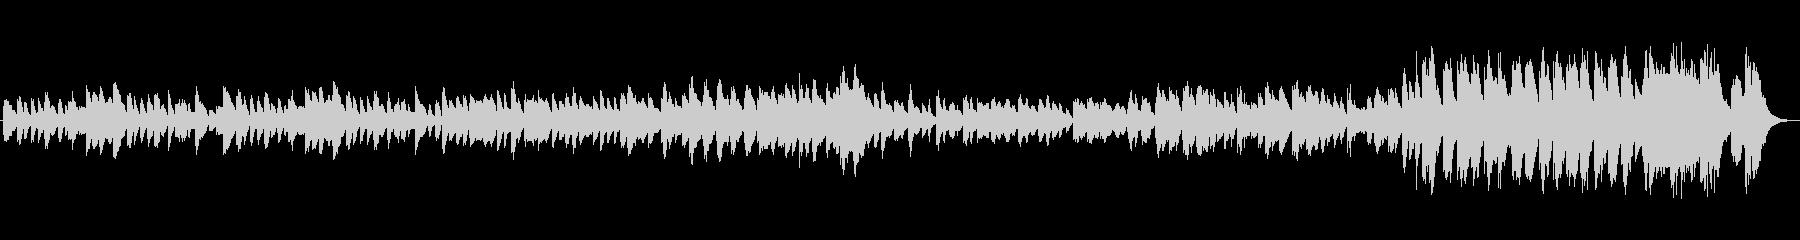 ハープのクラシック風の曲の未再生の波形